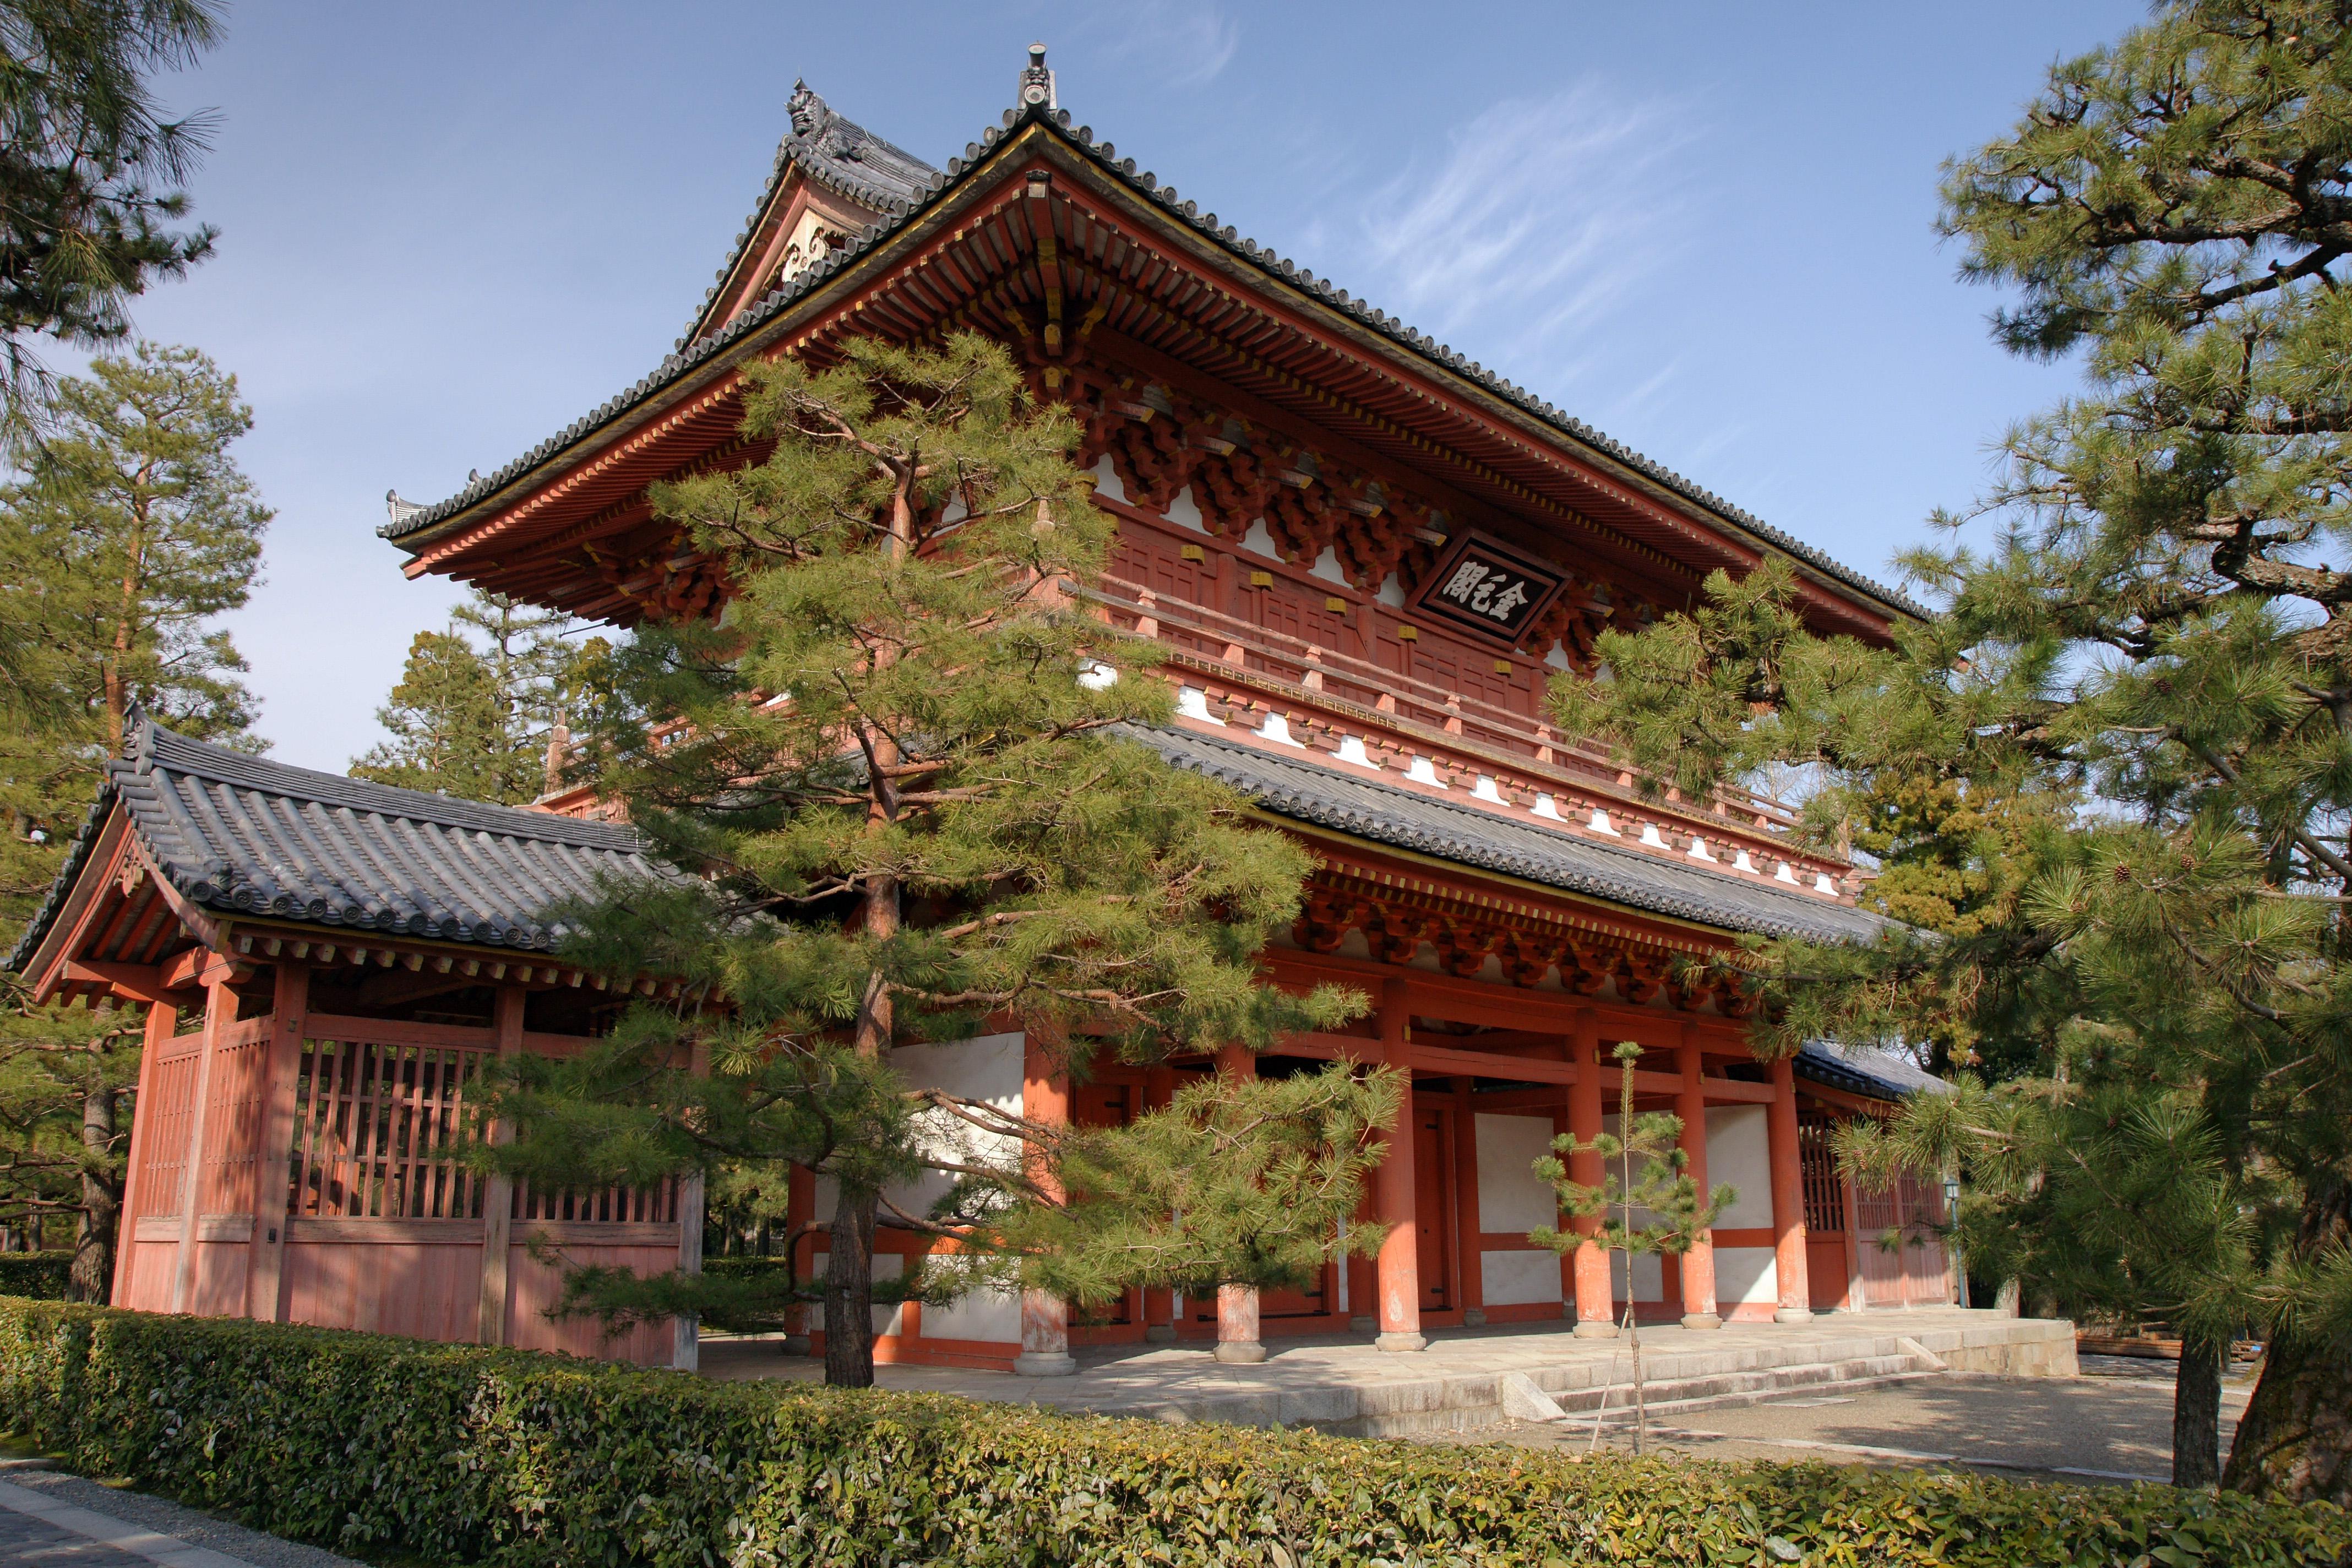 日本の誇り 大徳寺  マイブログ - 楽天ブログ